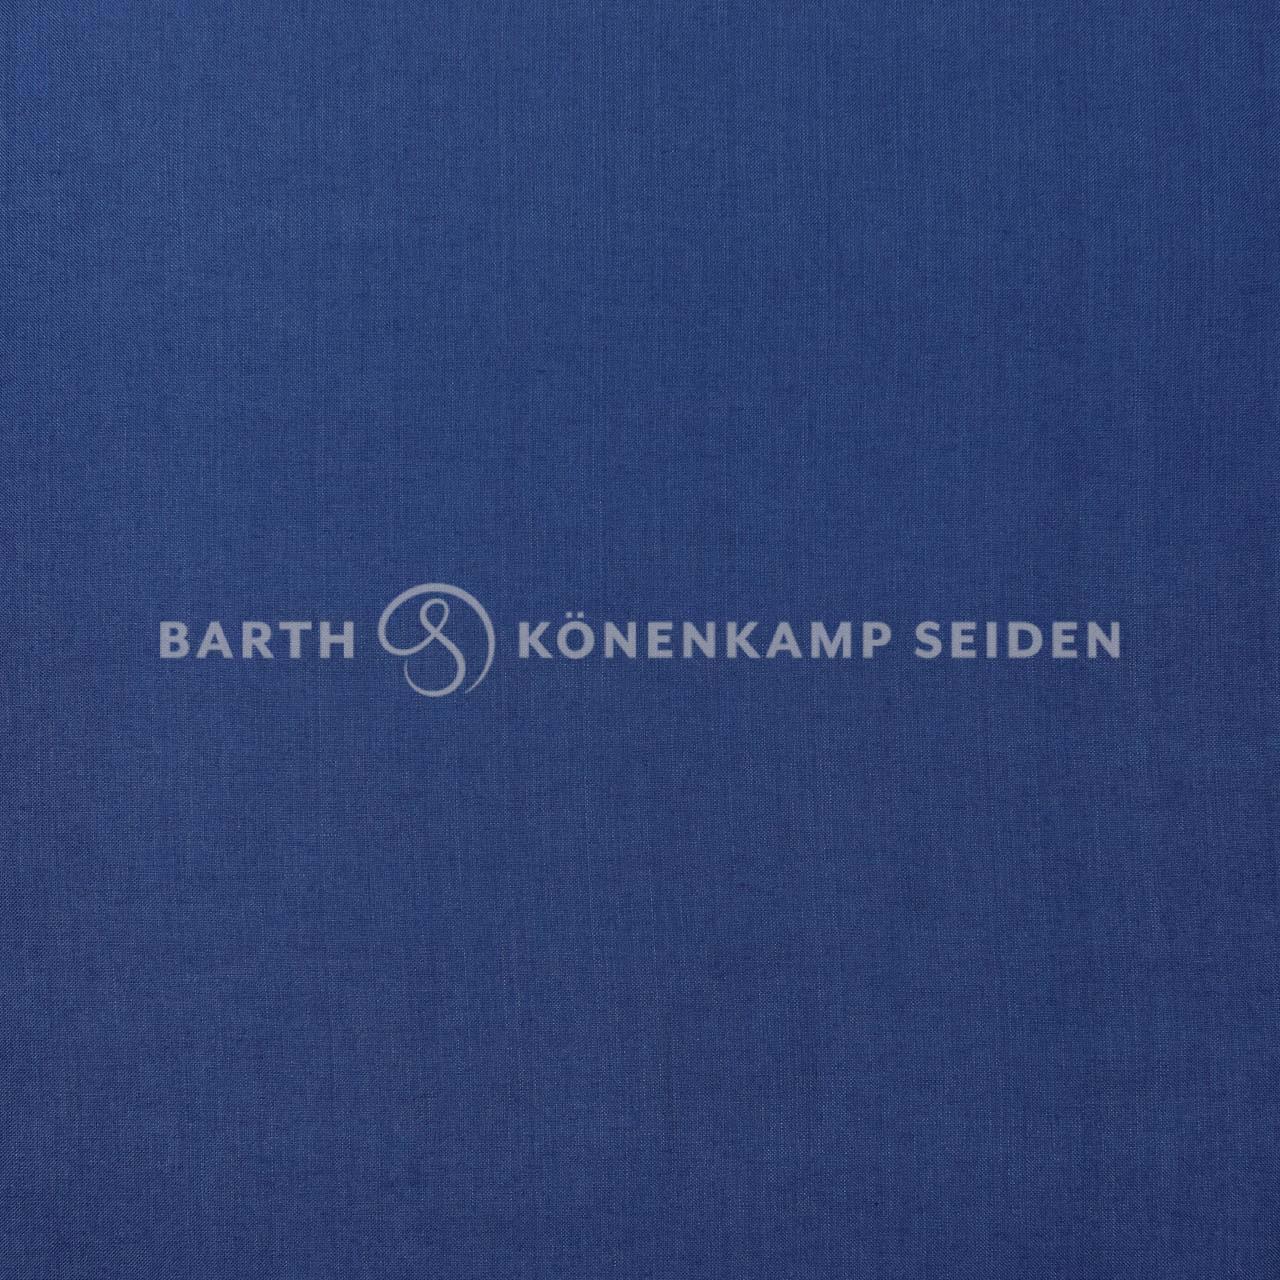 3500-558 / Tussah Modal dyed